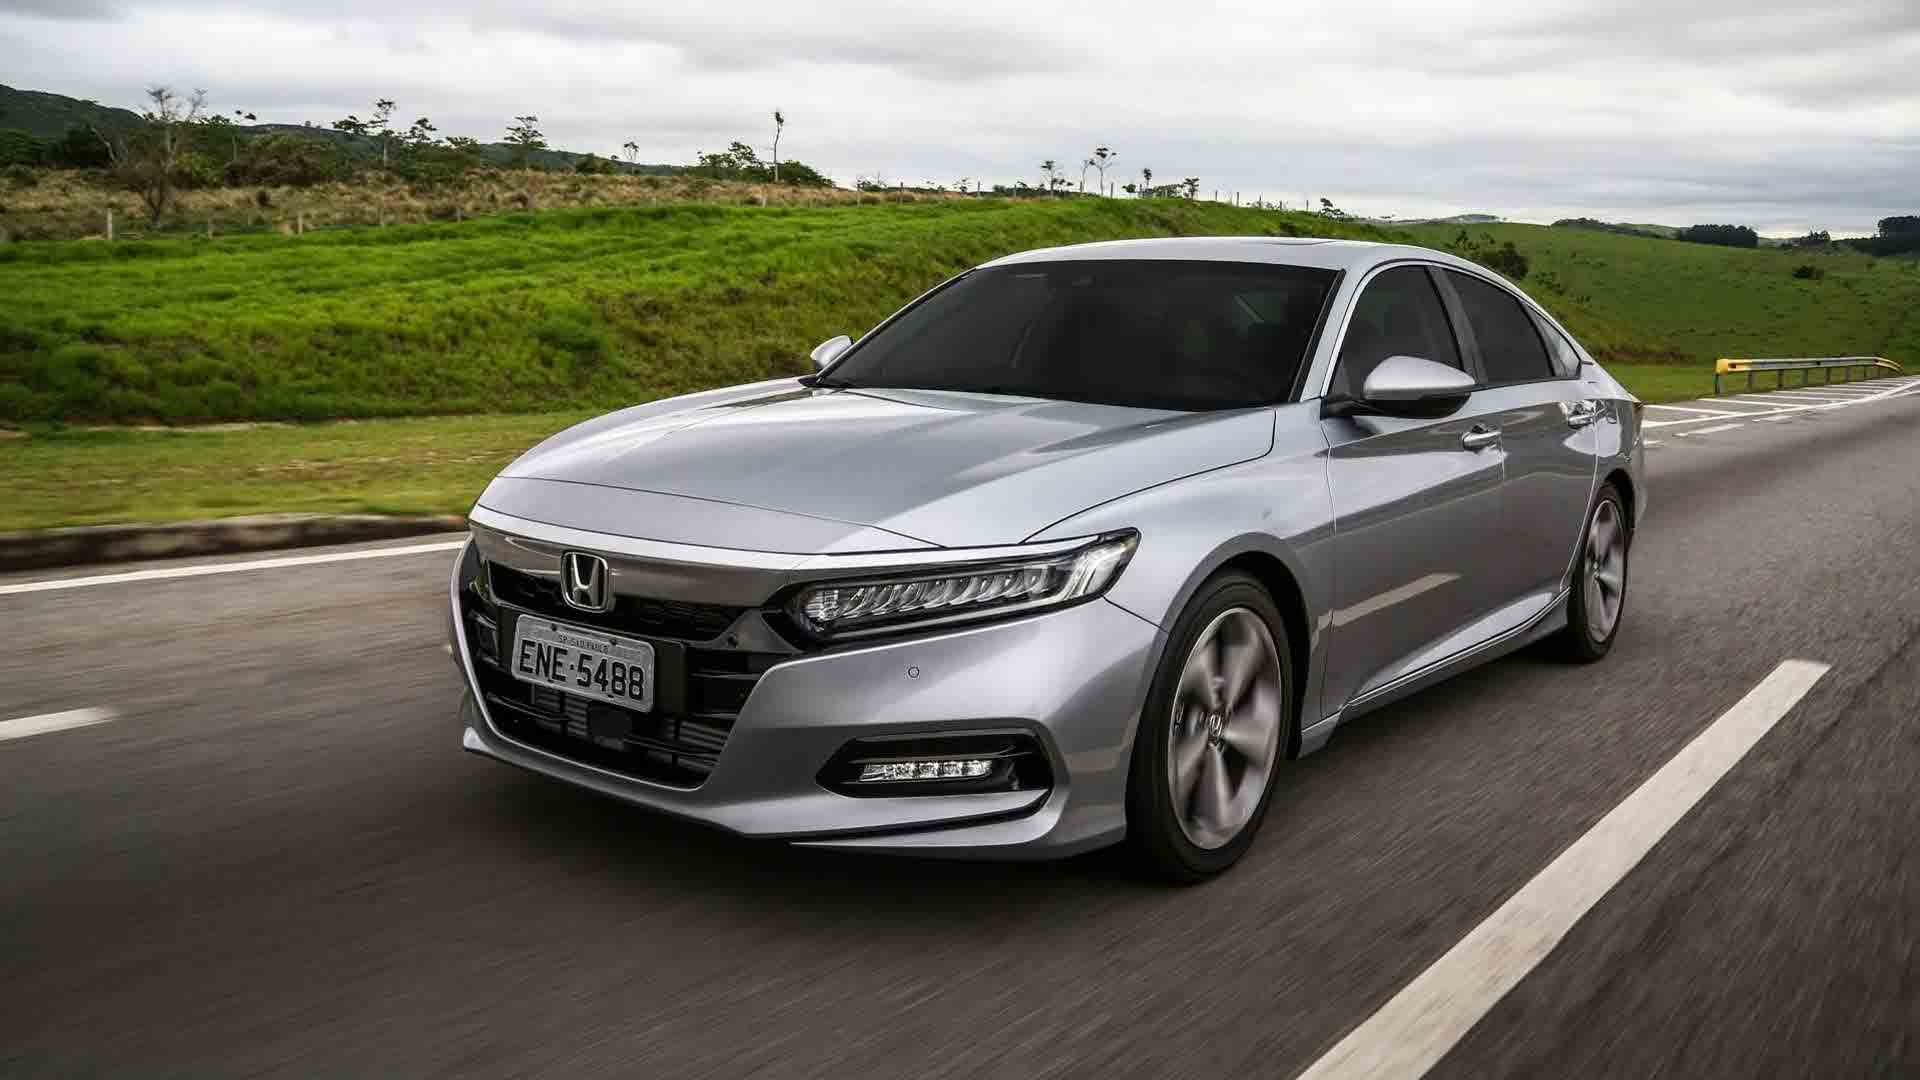 Honda convoca proprietários dos modelos Civic Touring, Accord, CR-V e HR-V Touring para reparo da bomba de combustível. Foto: Divulgação